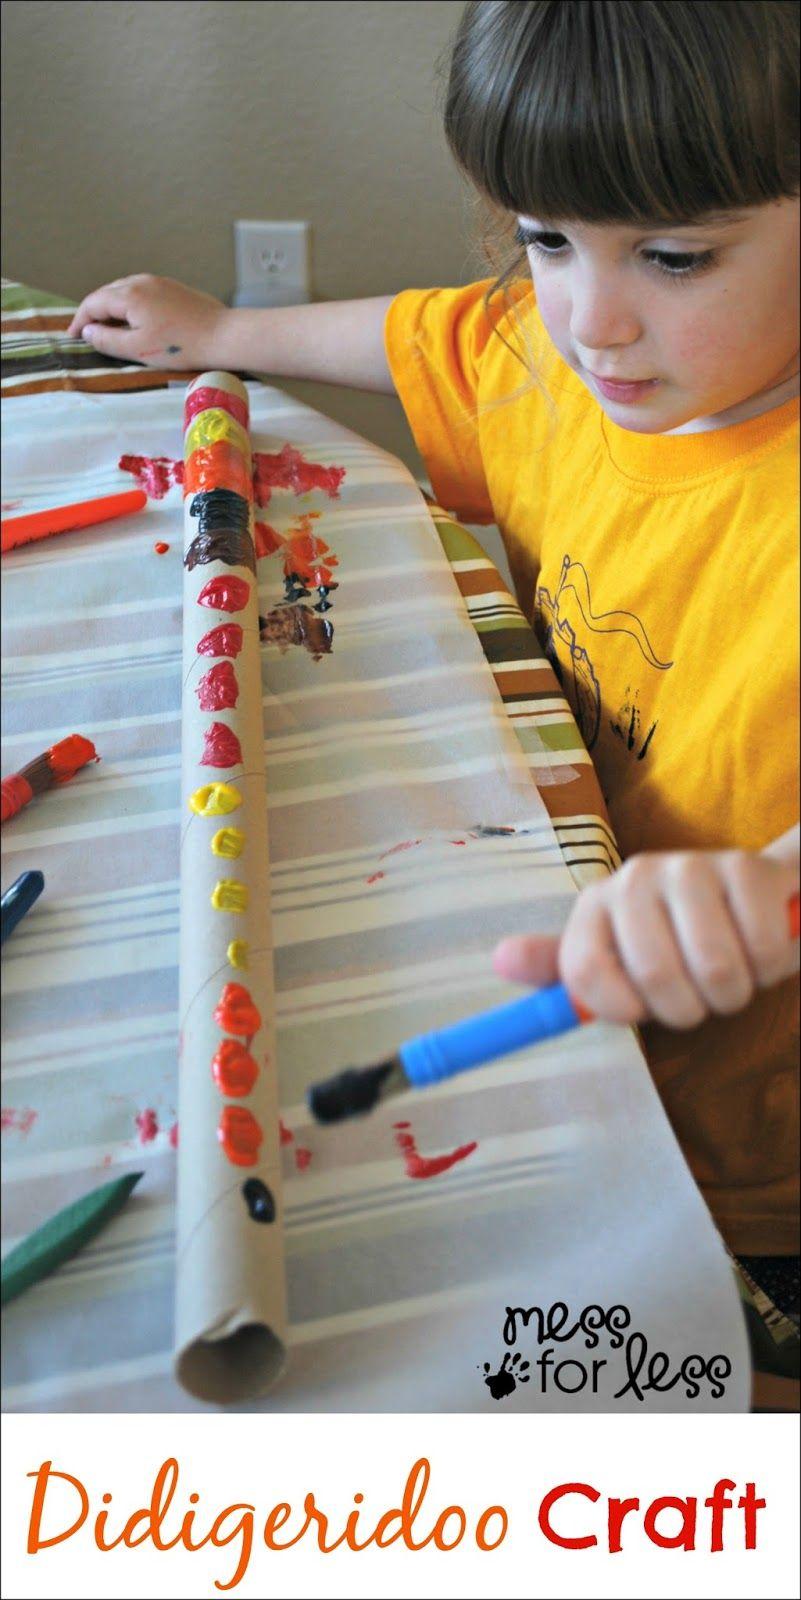 Didgeridoo Craft for Kids Australia crafts, Didgeridoo